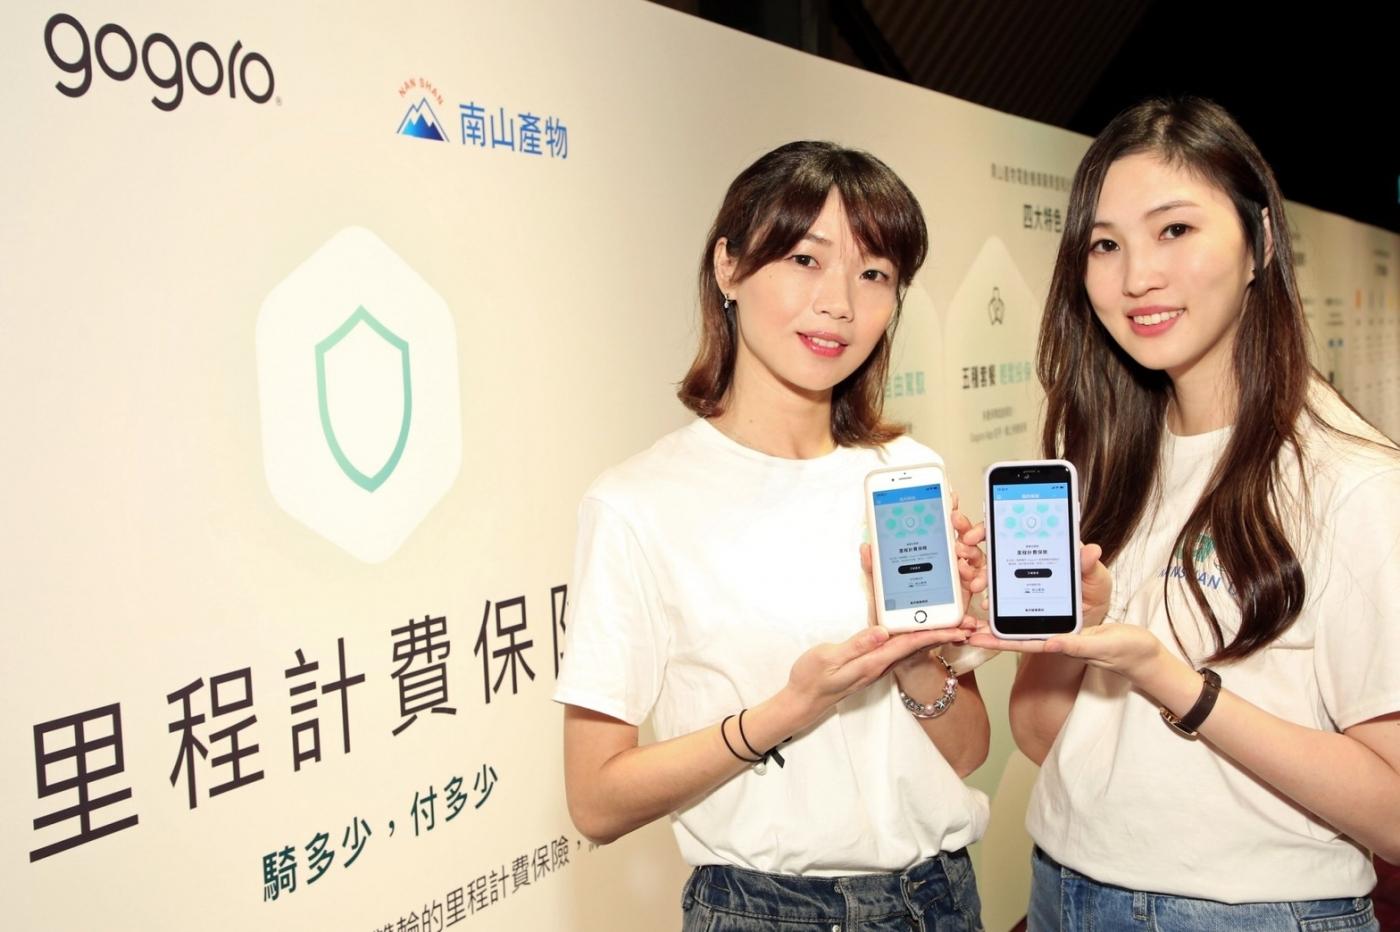 結合電池平台數據,Gogoro攜手南山產物推新保險,「騎多少、付多少」的保費怎麼算?